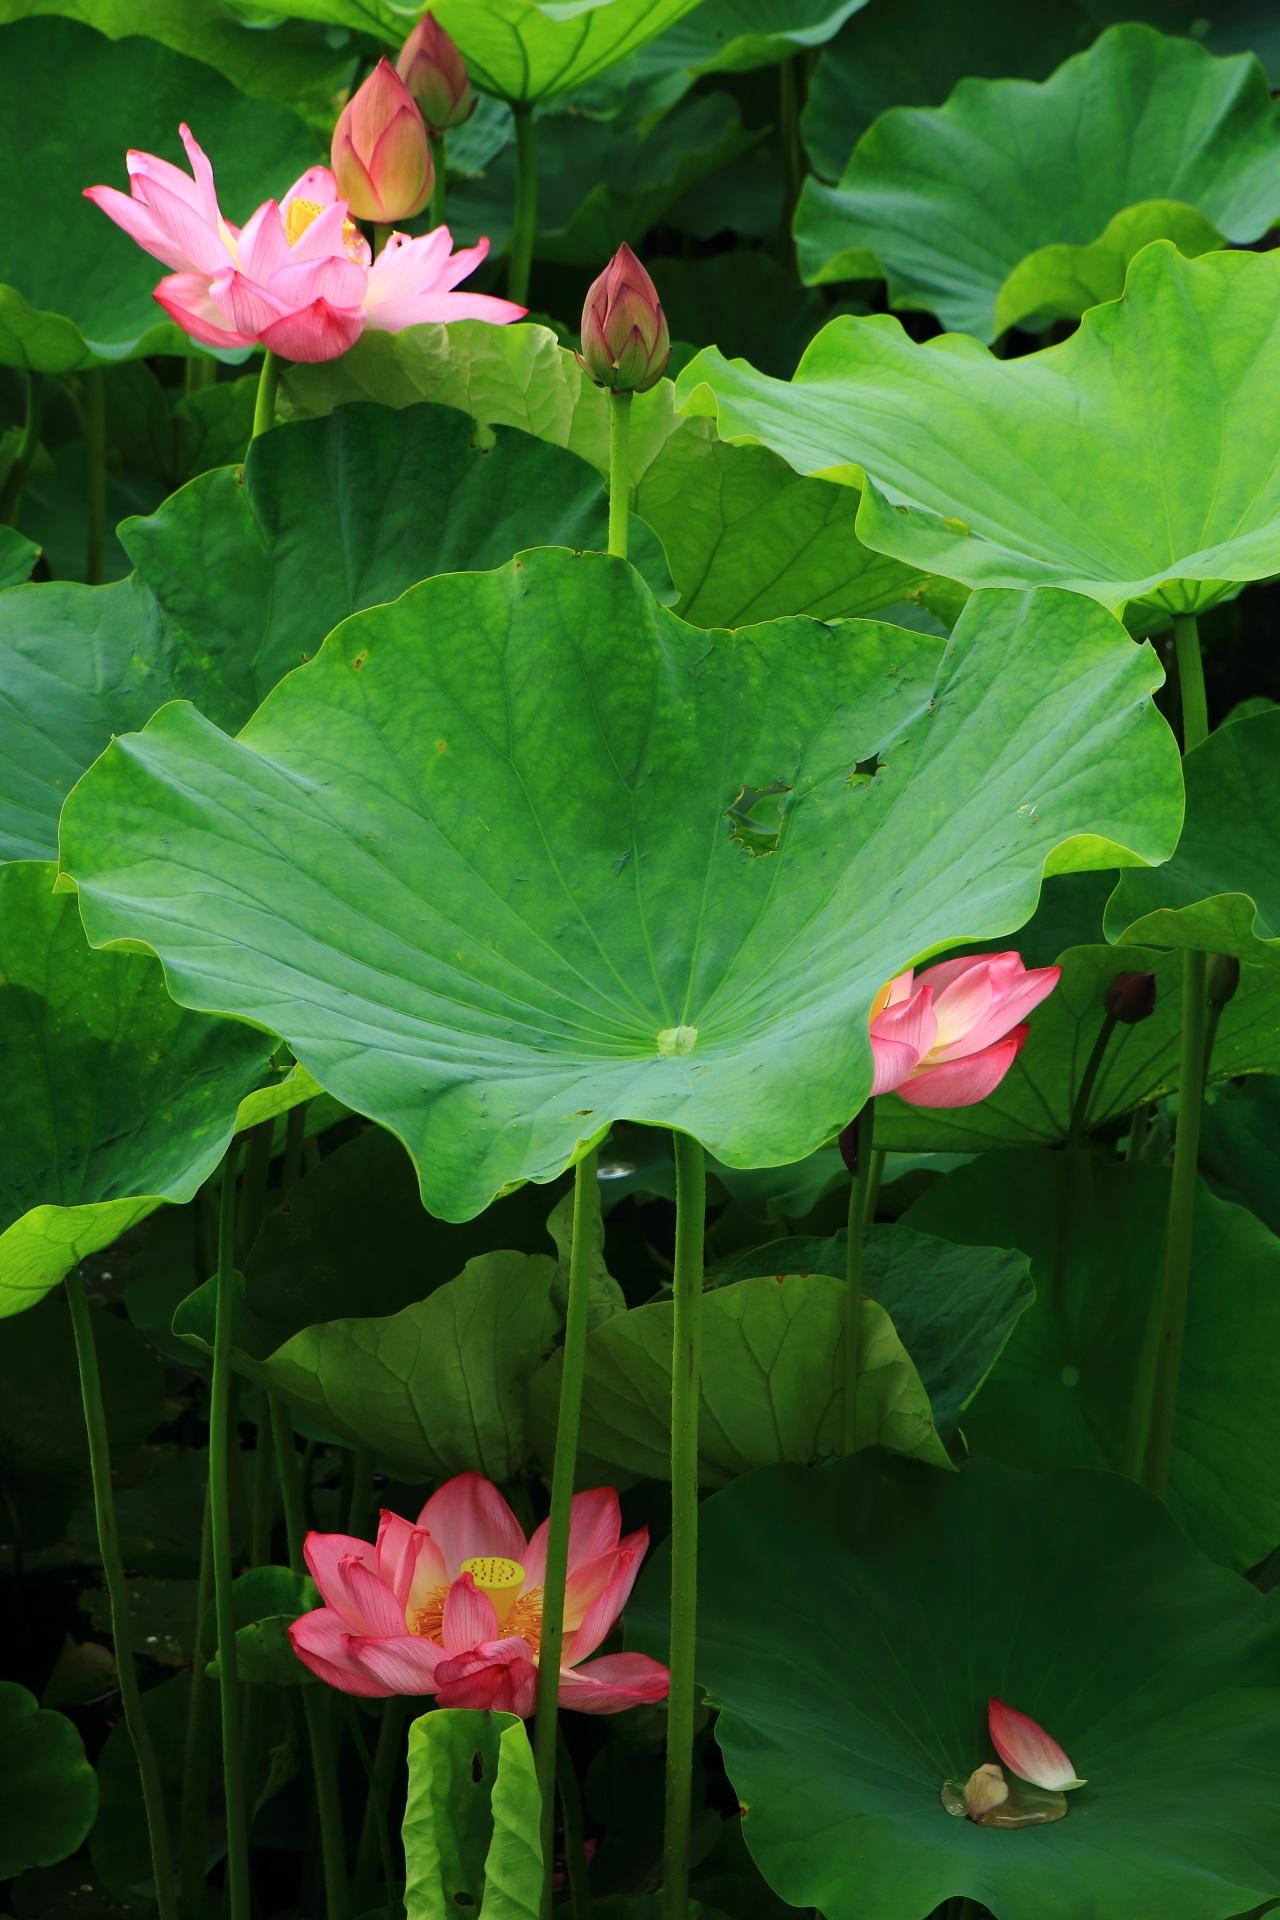 東寺のいろんな高さで咲く個性が強い蓮の花